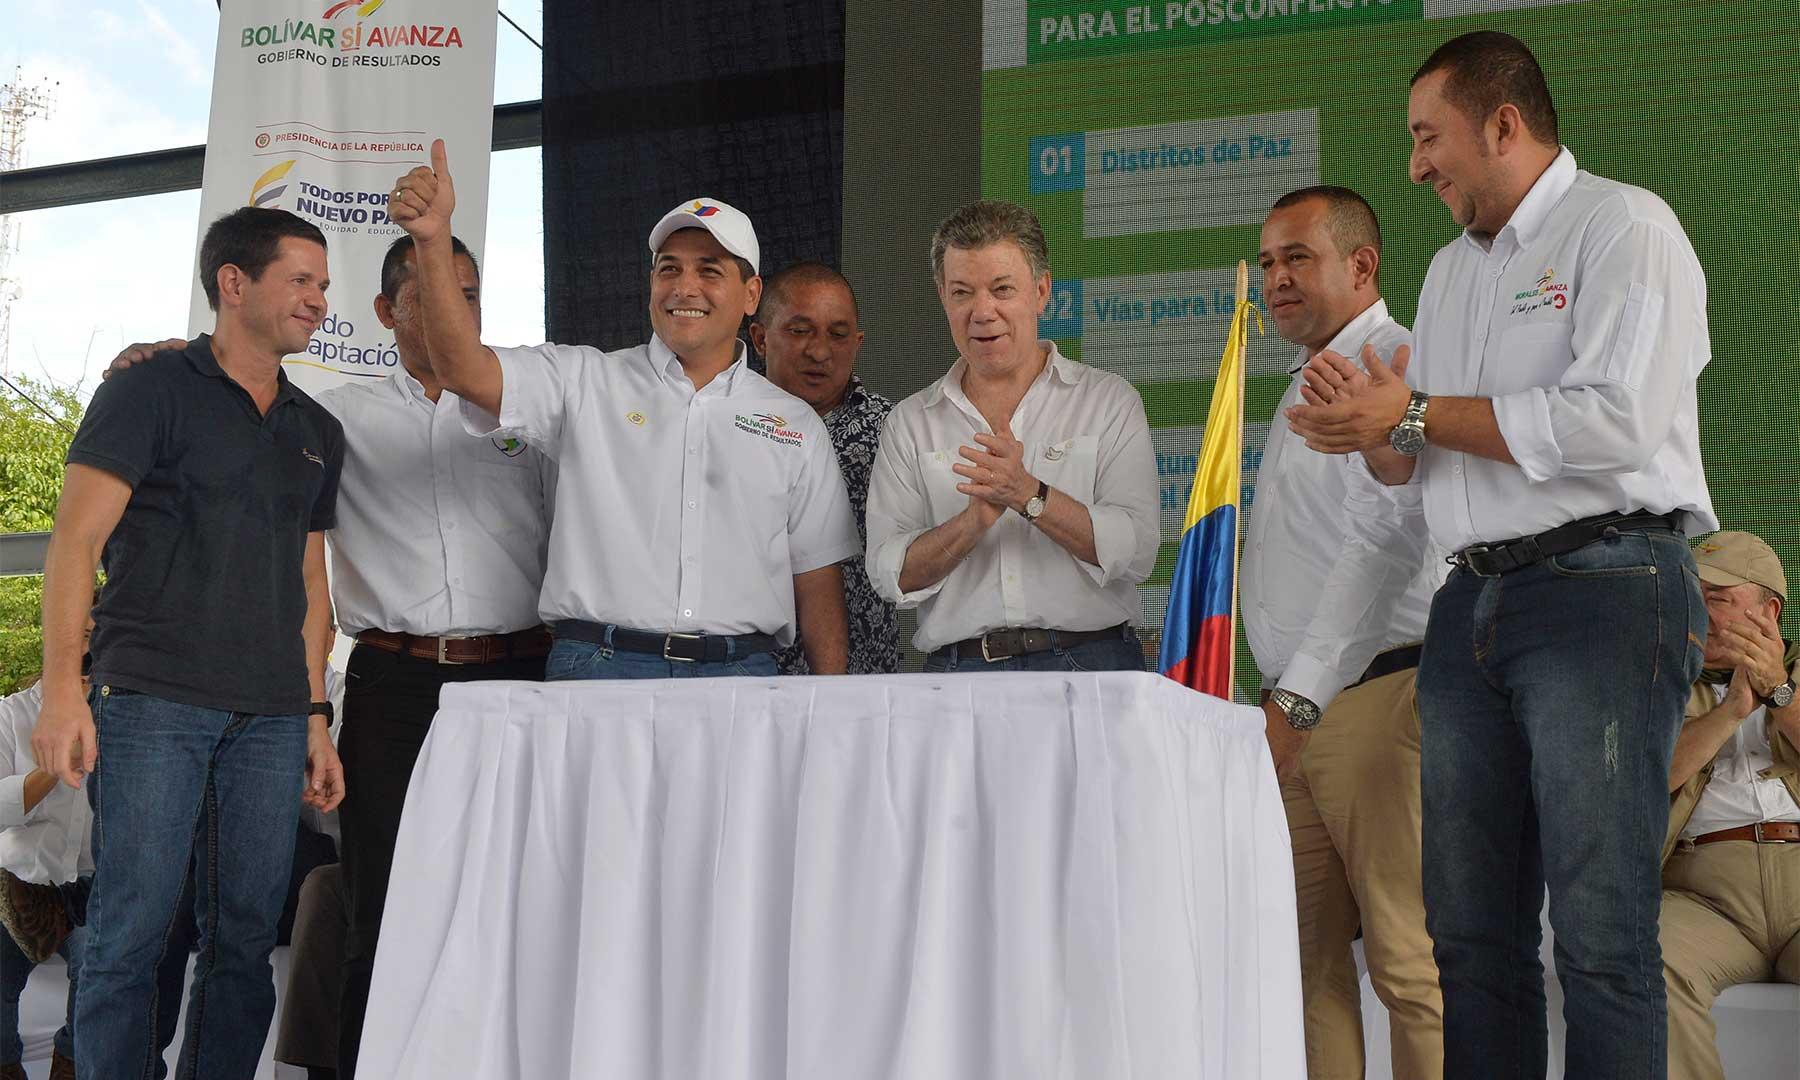 El Presidente Santos asistió este sábado en Achí, Bolívar, a la firma del acta de compromiso para construir más de 1.600 viviendas y dos colegios en municipios del Sur de Bolívar.